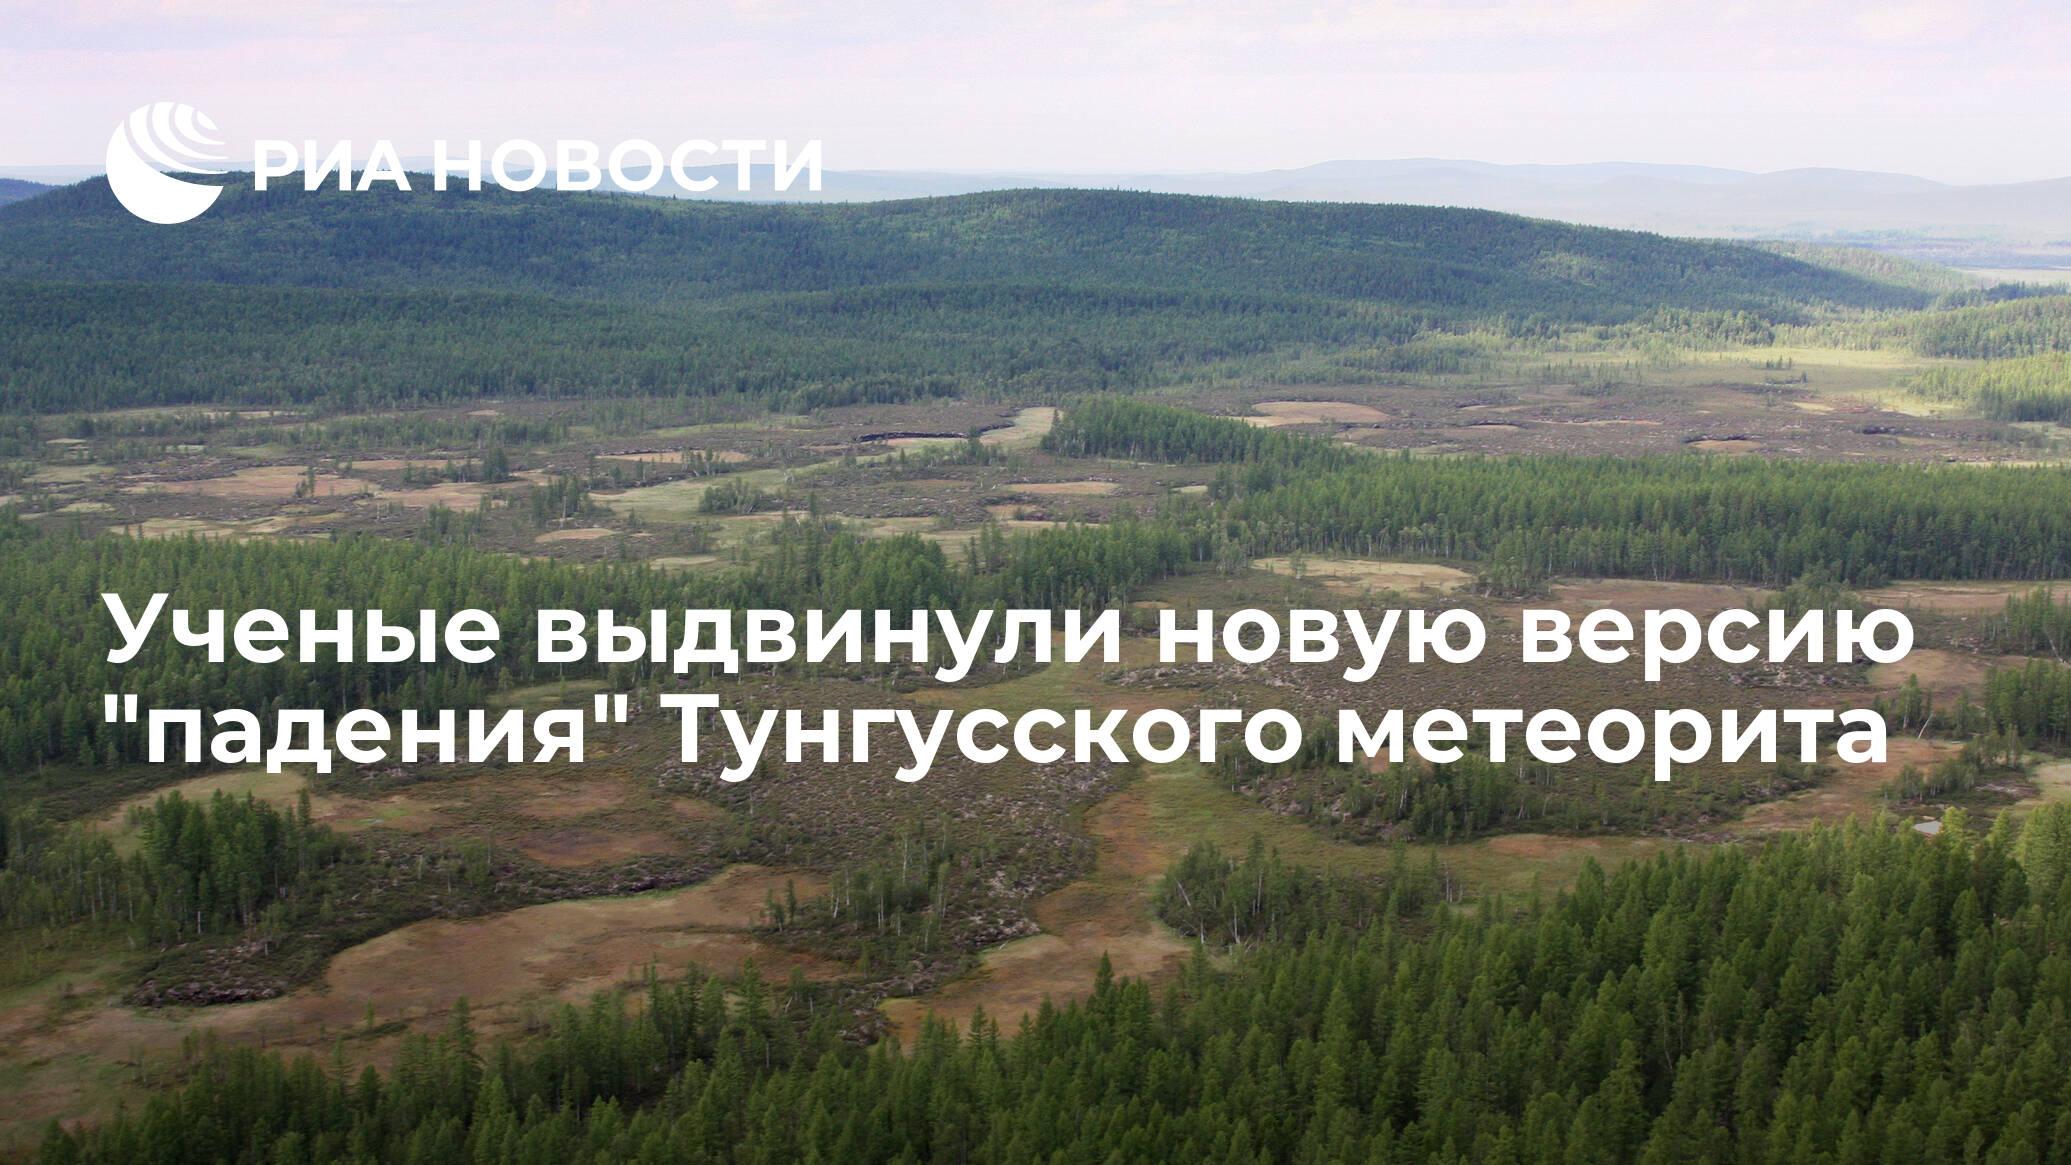 Ученые выдвинули новую версию 'падения' Тунгусского метеорита - РИА НОВОСТИ